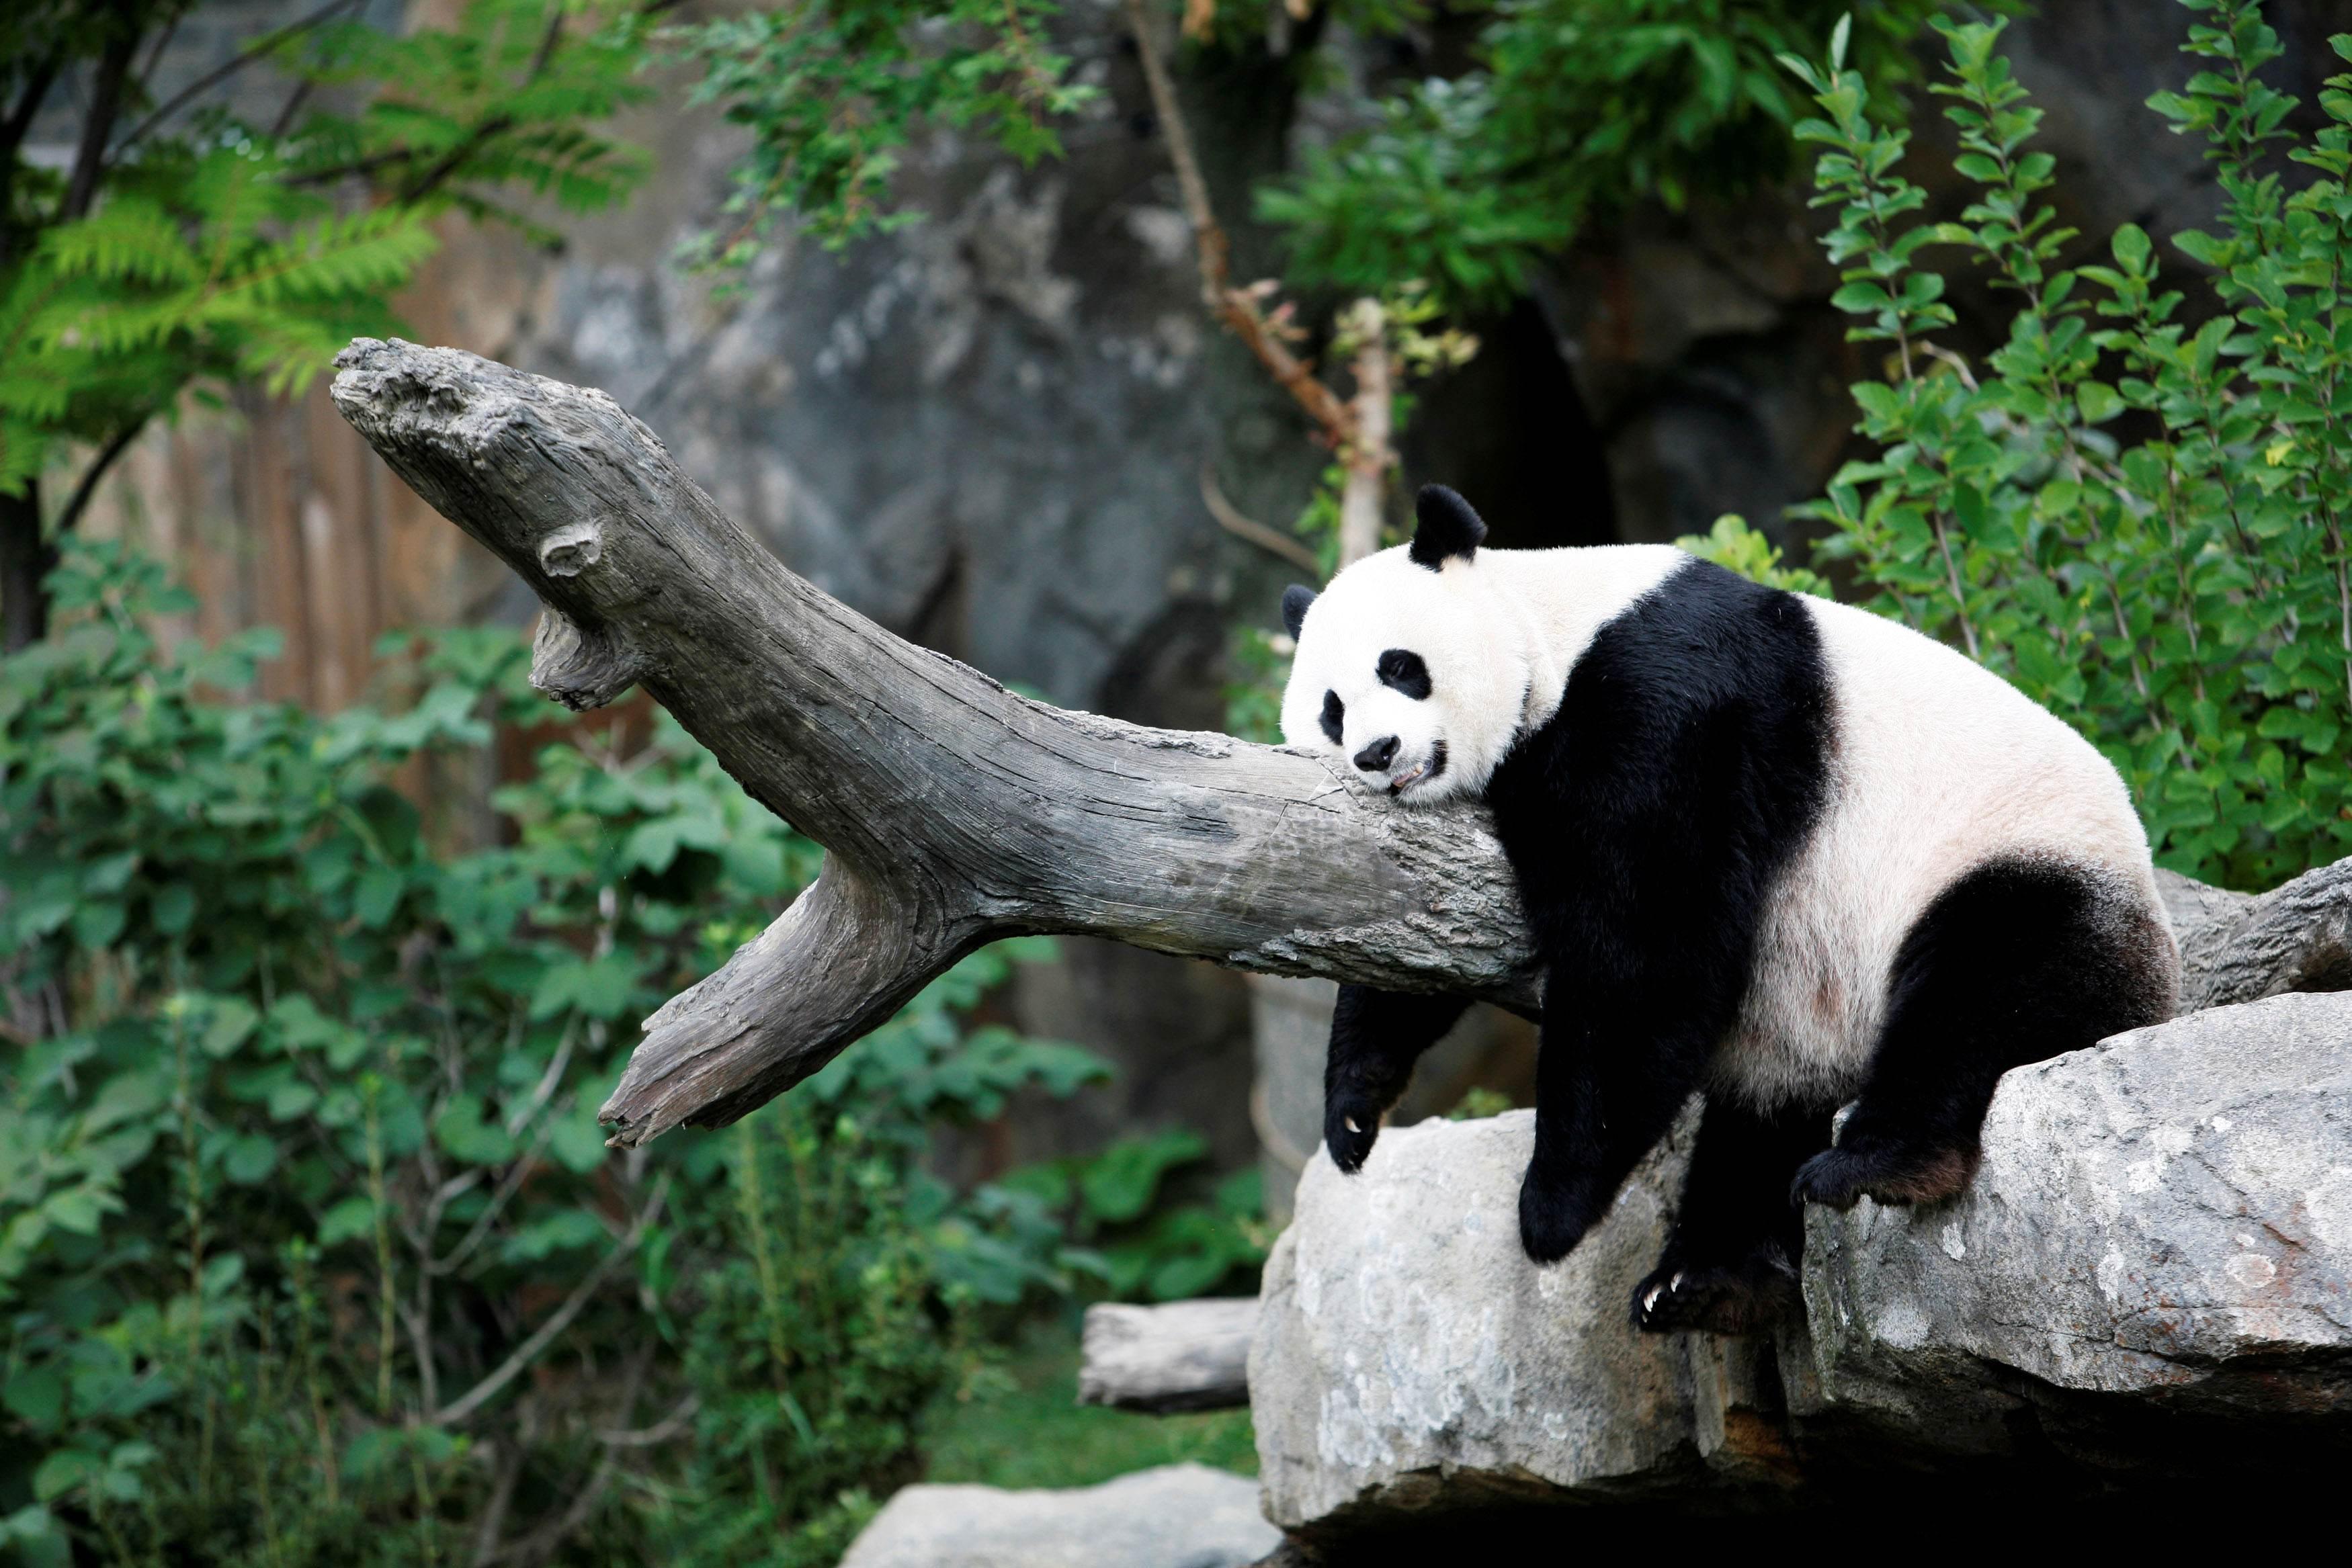 Panda gigante Mei Xiang no Zoológico Nacional de Washington, nos EUA